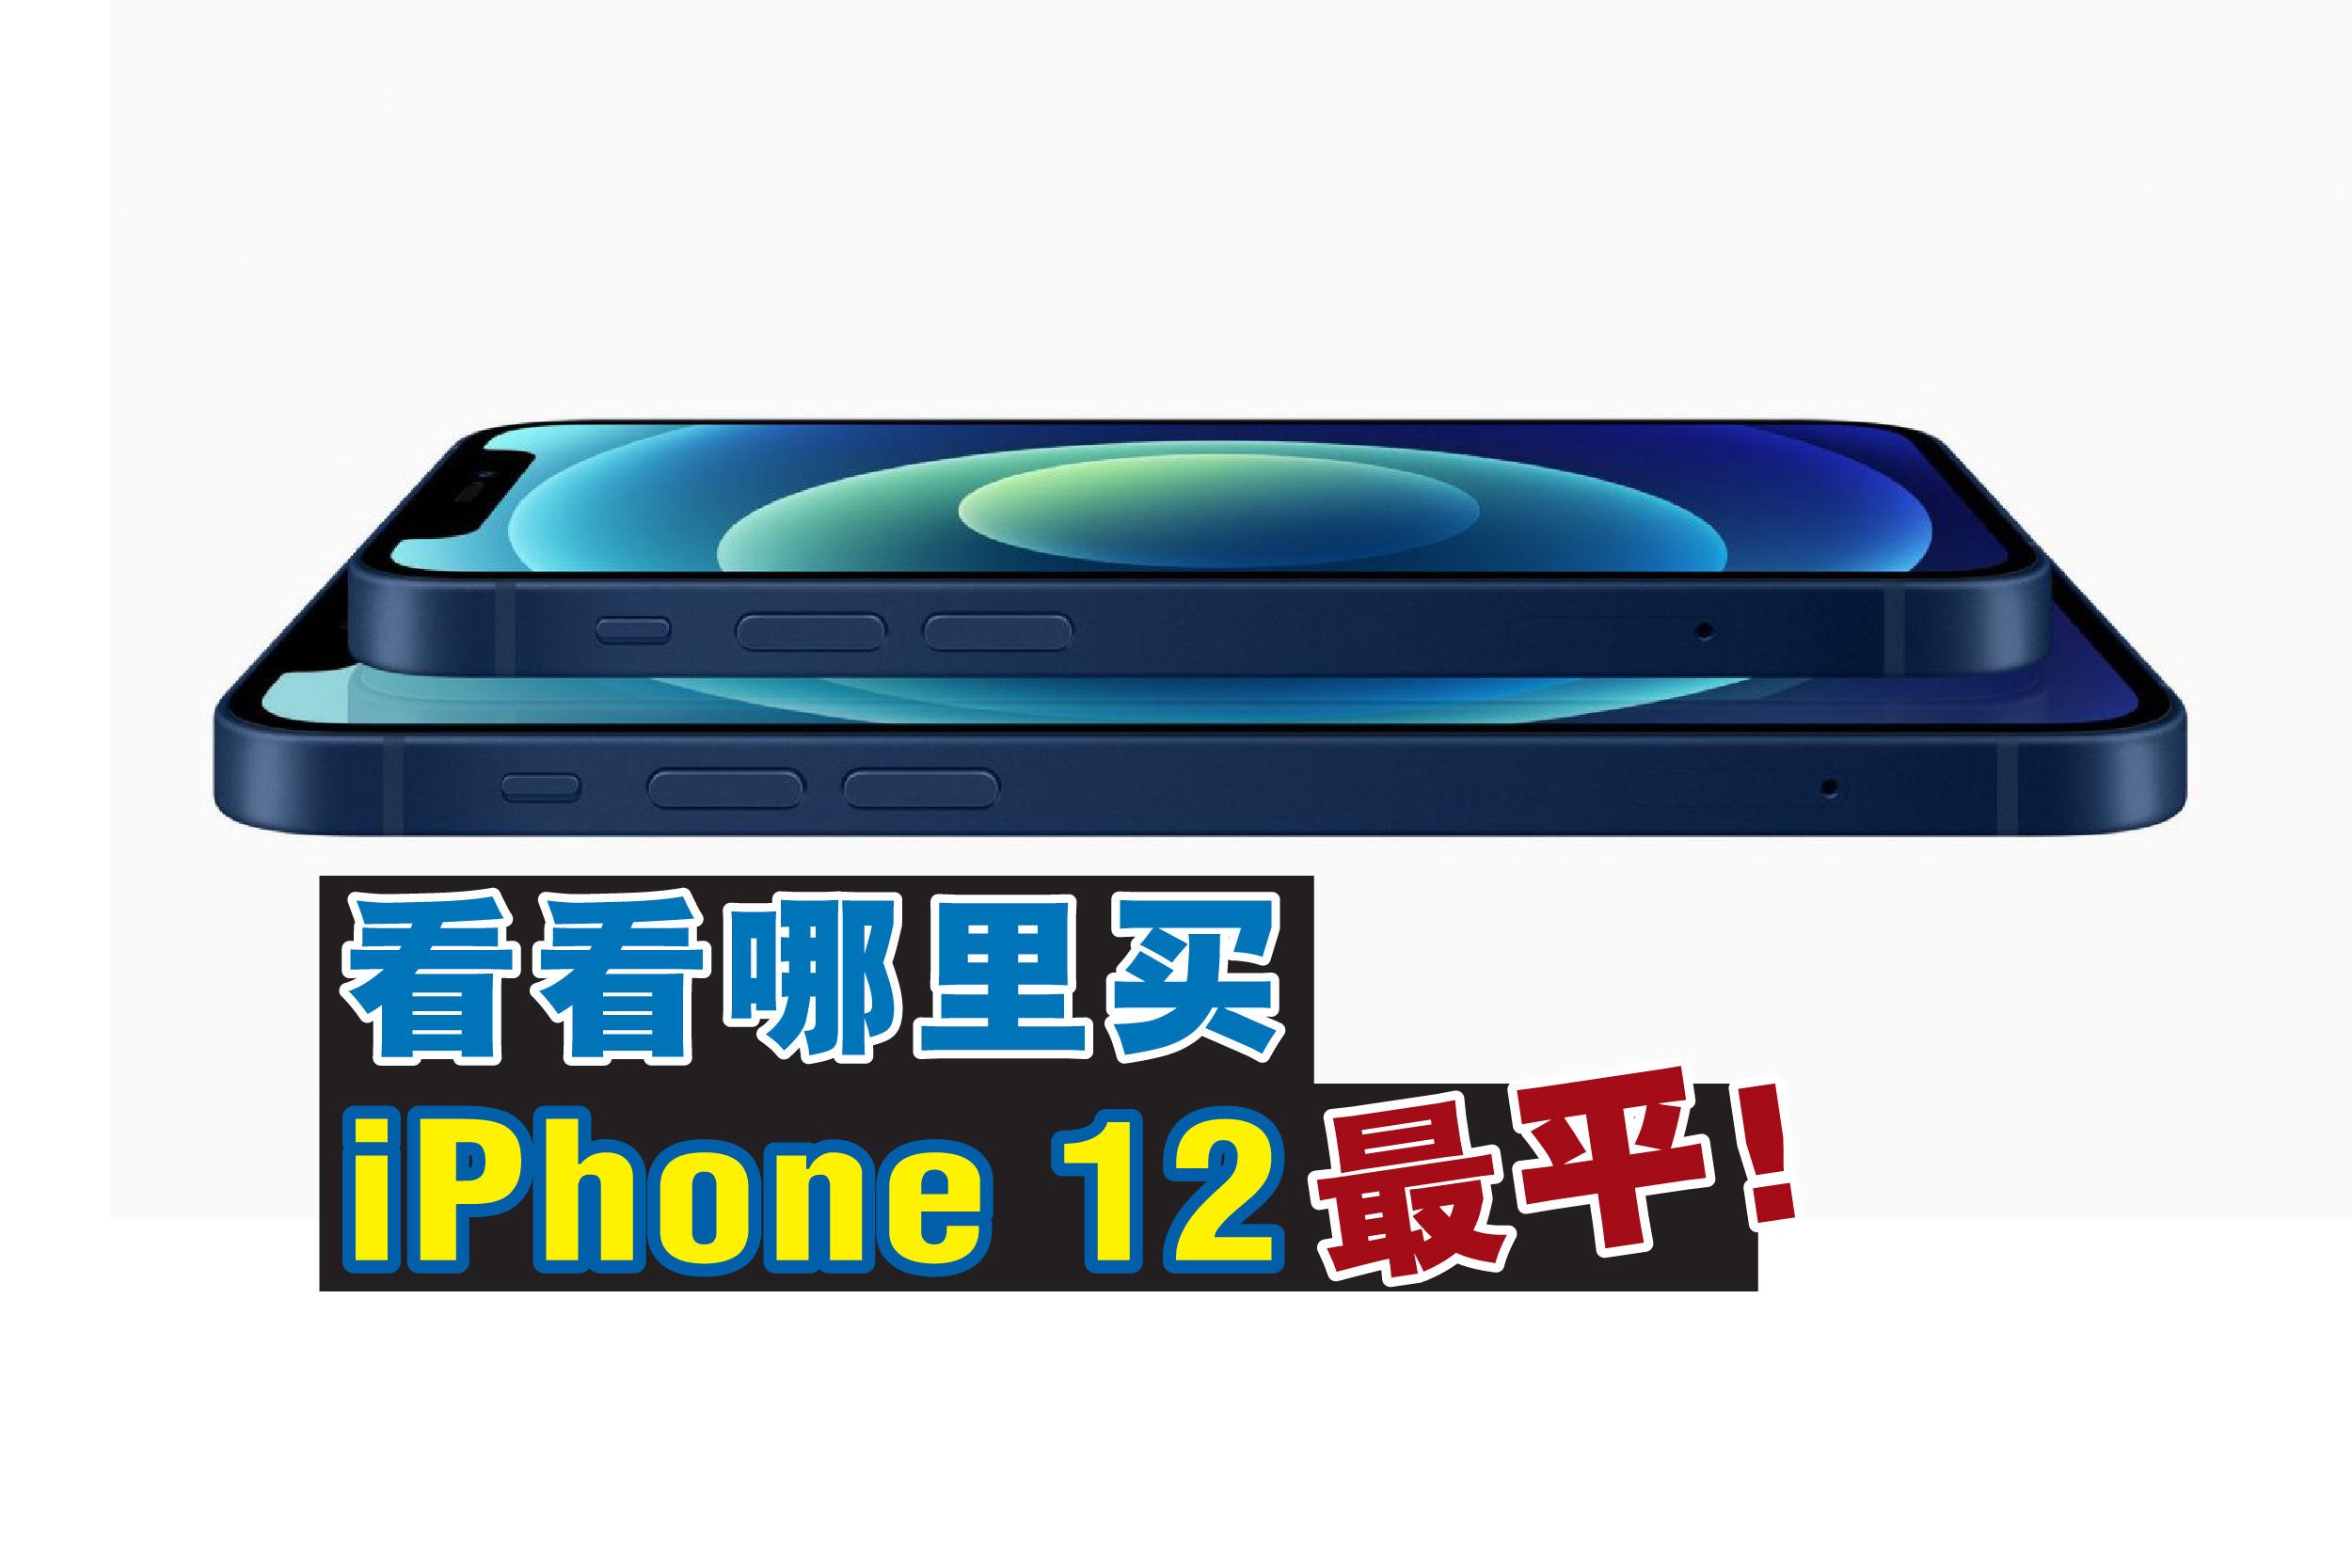 到底那个国家或地区的iPhone 12最便宜?-图摘自Soya Cincau/精彩大马制图-